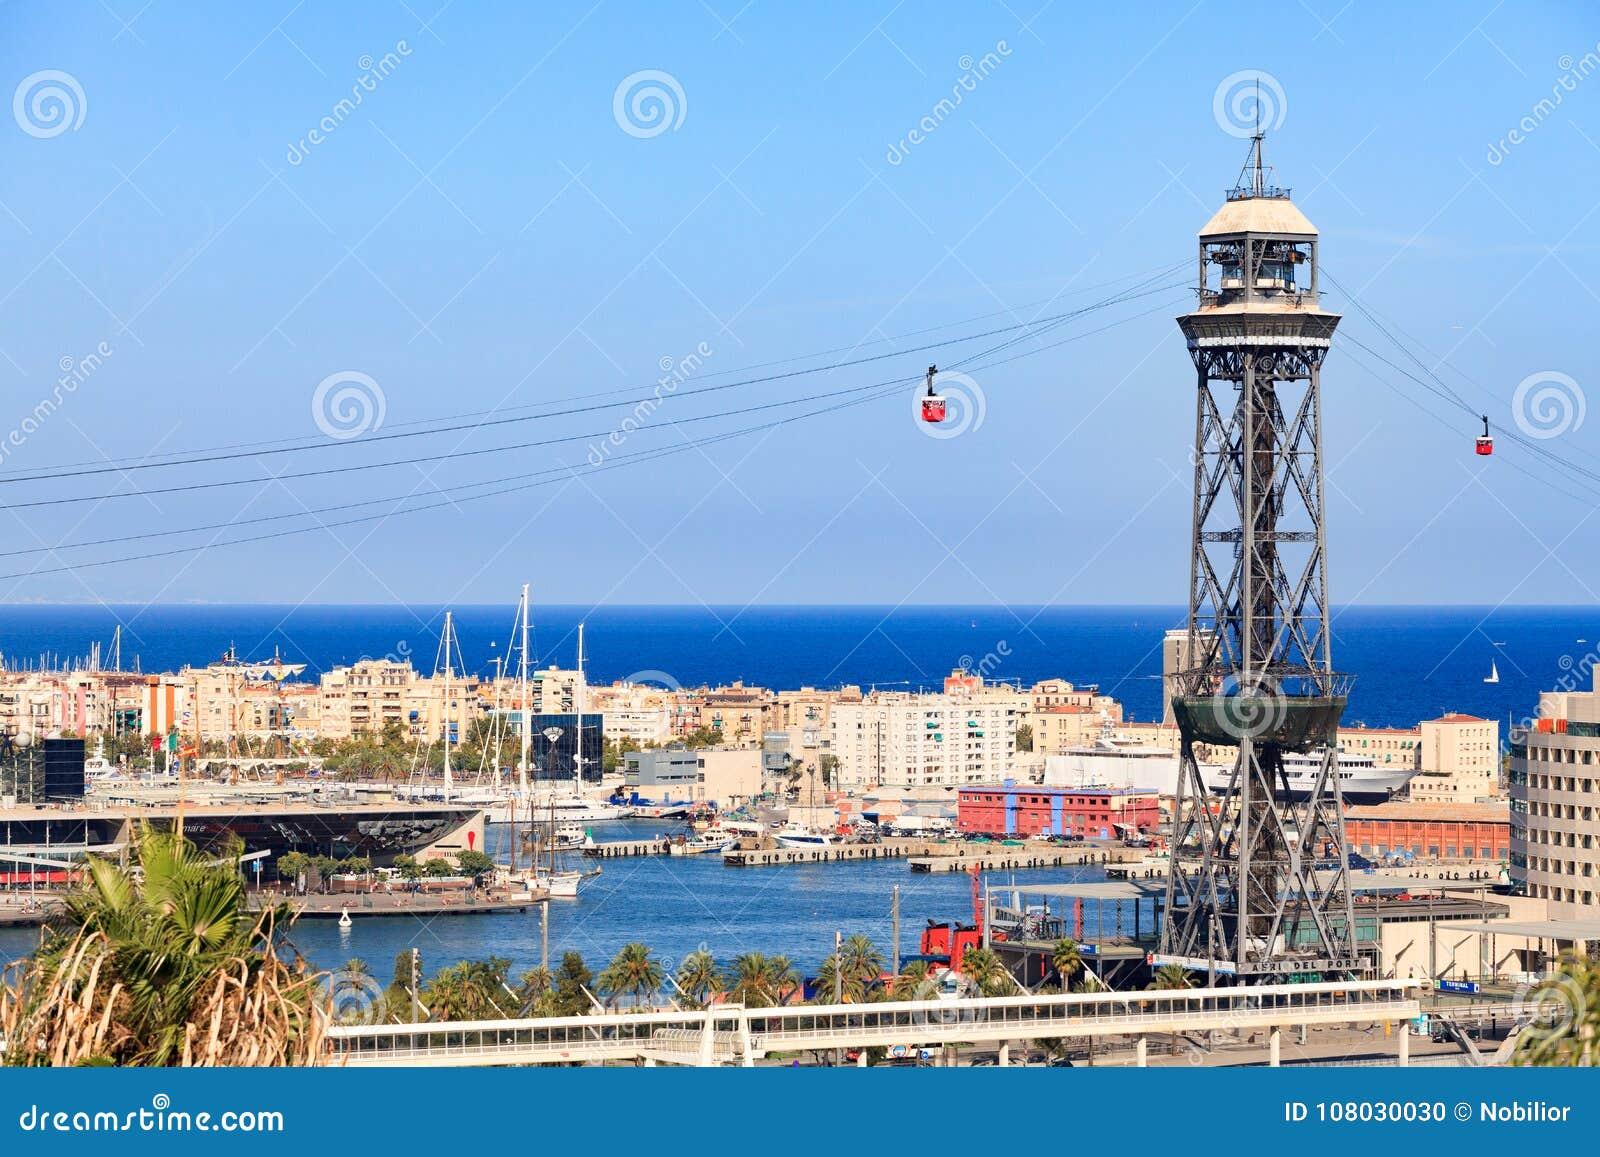 在巴塞罗那市的背景的缆车塔